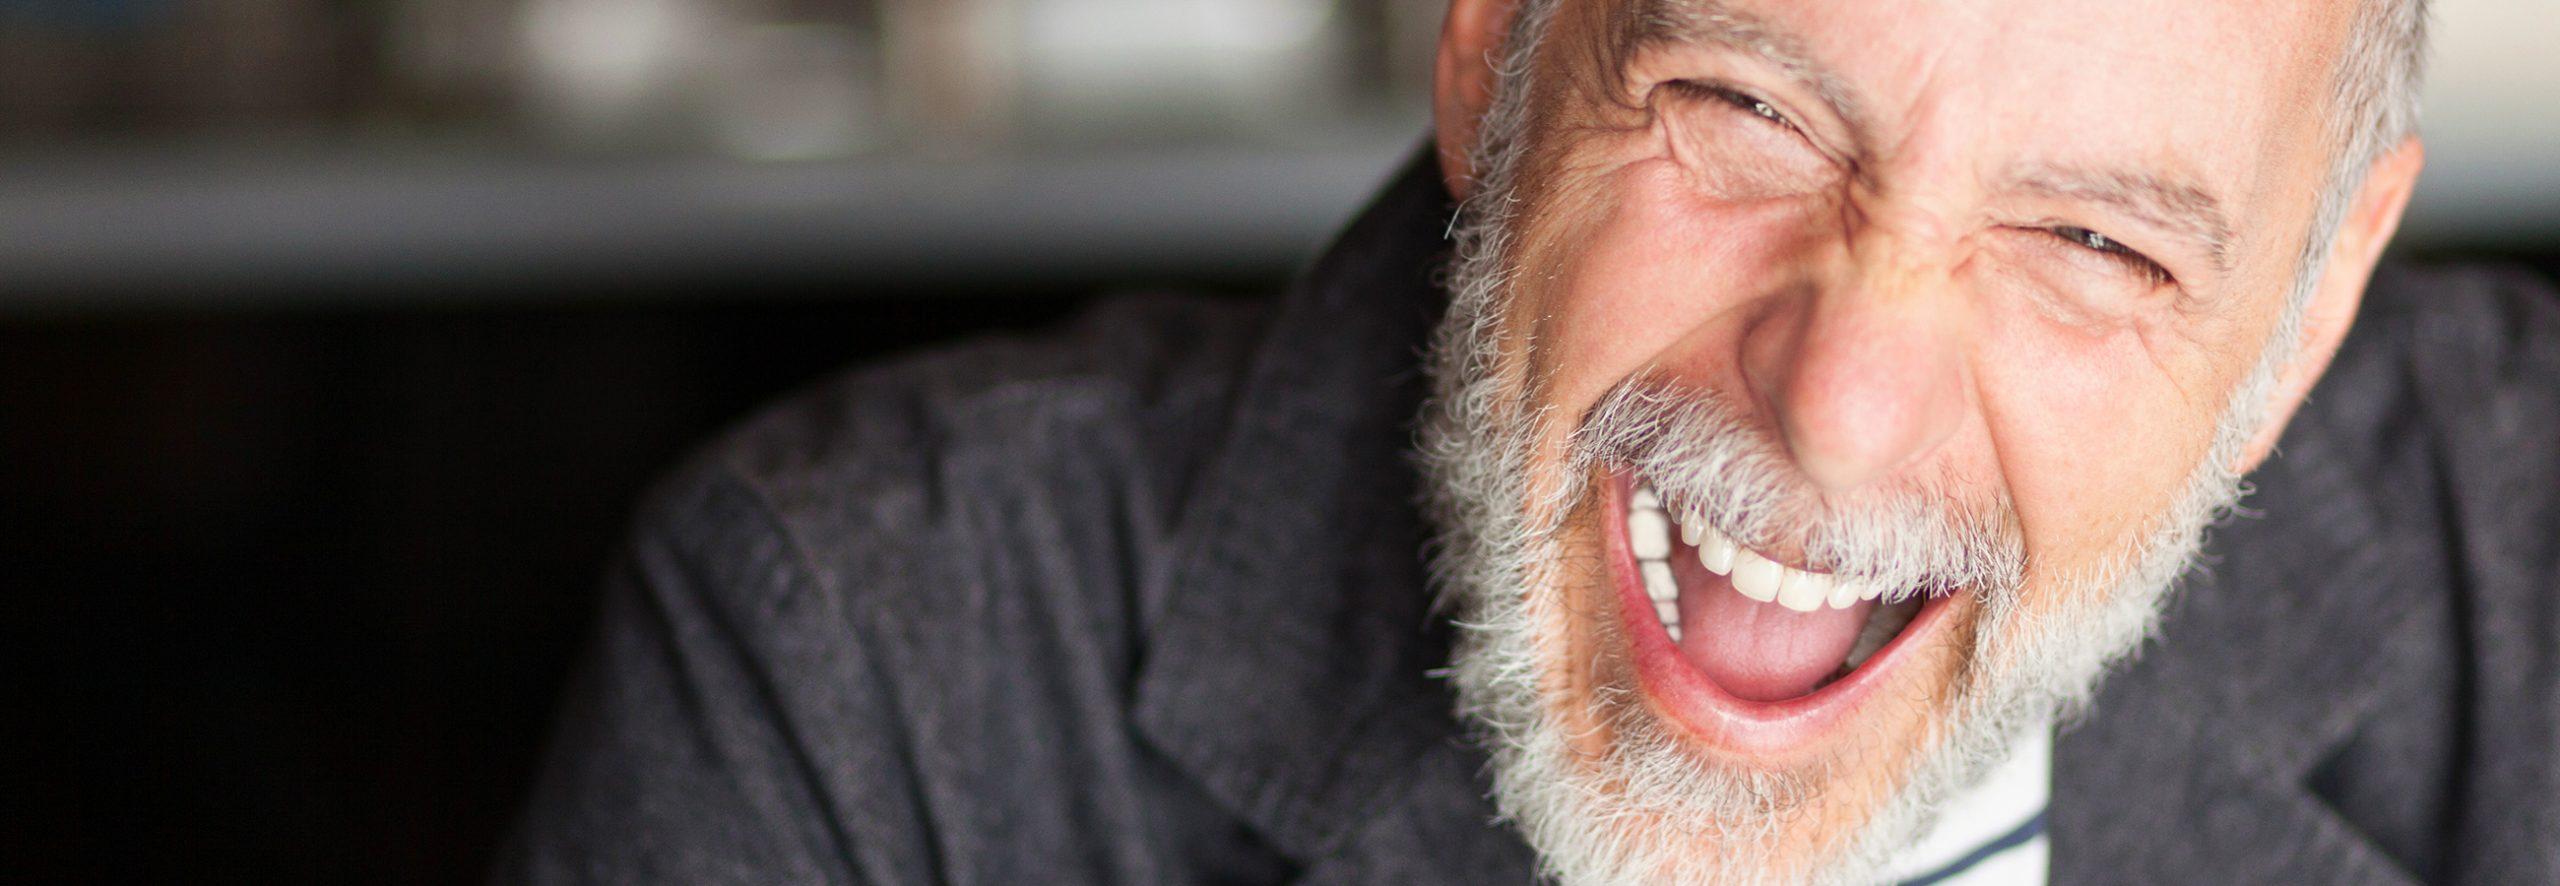 Mann lacht mit Zahnimplantaten aus Sauerlach